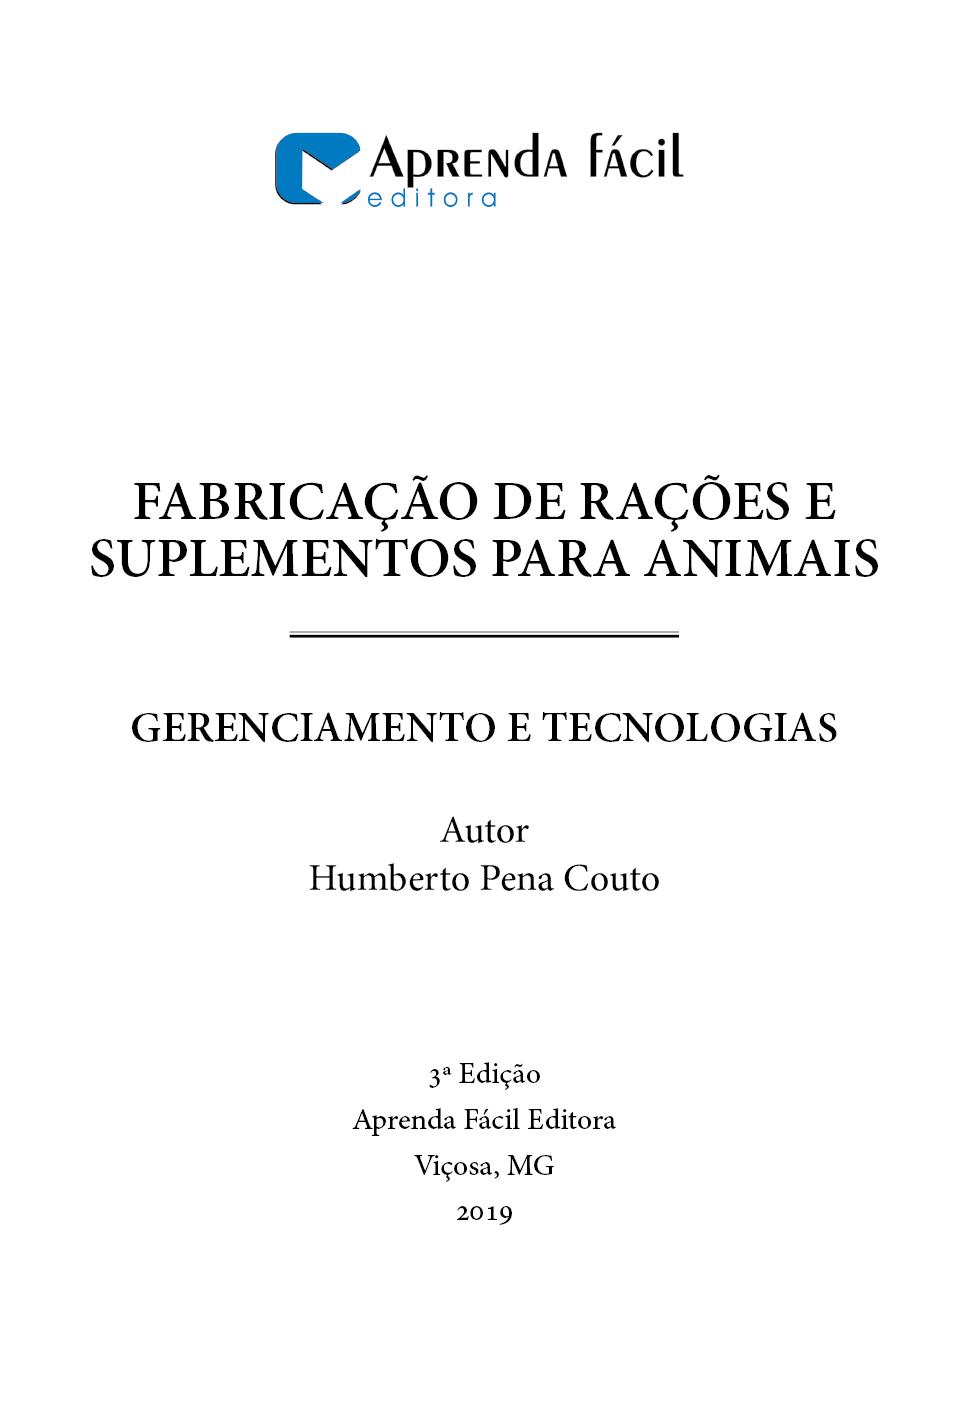 Fabricação de Rações e Suplementos para Animais - Gerenciamento e Tecnologias